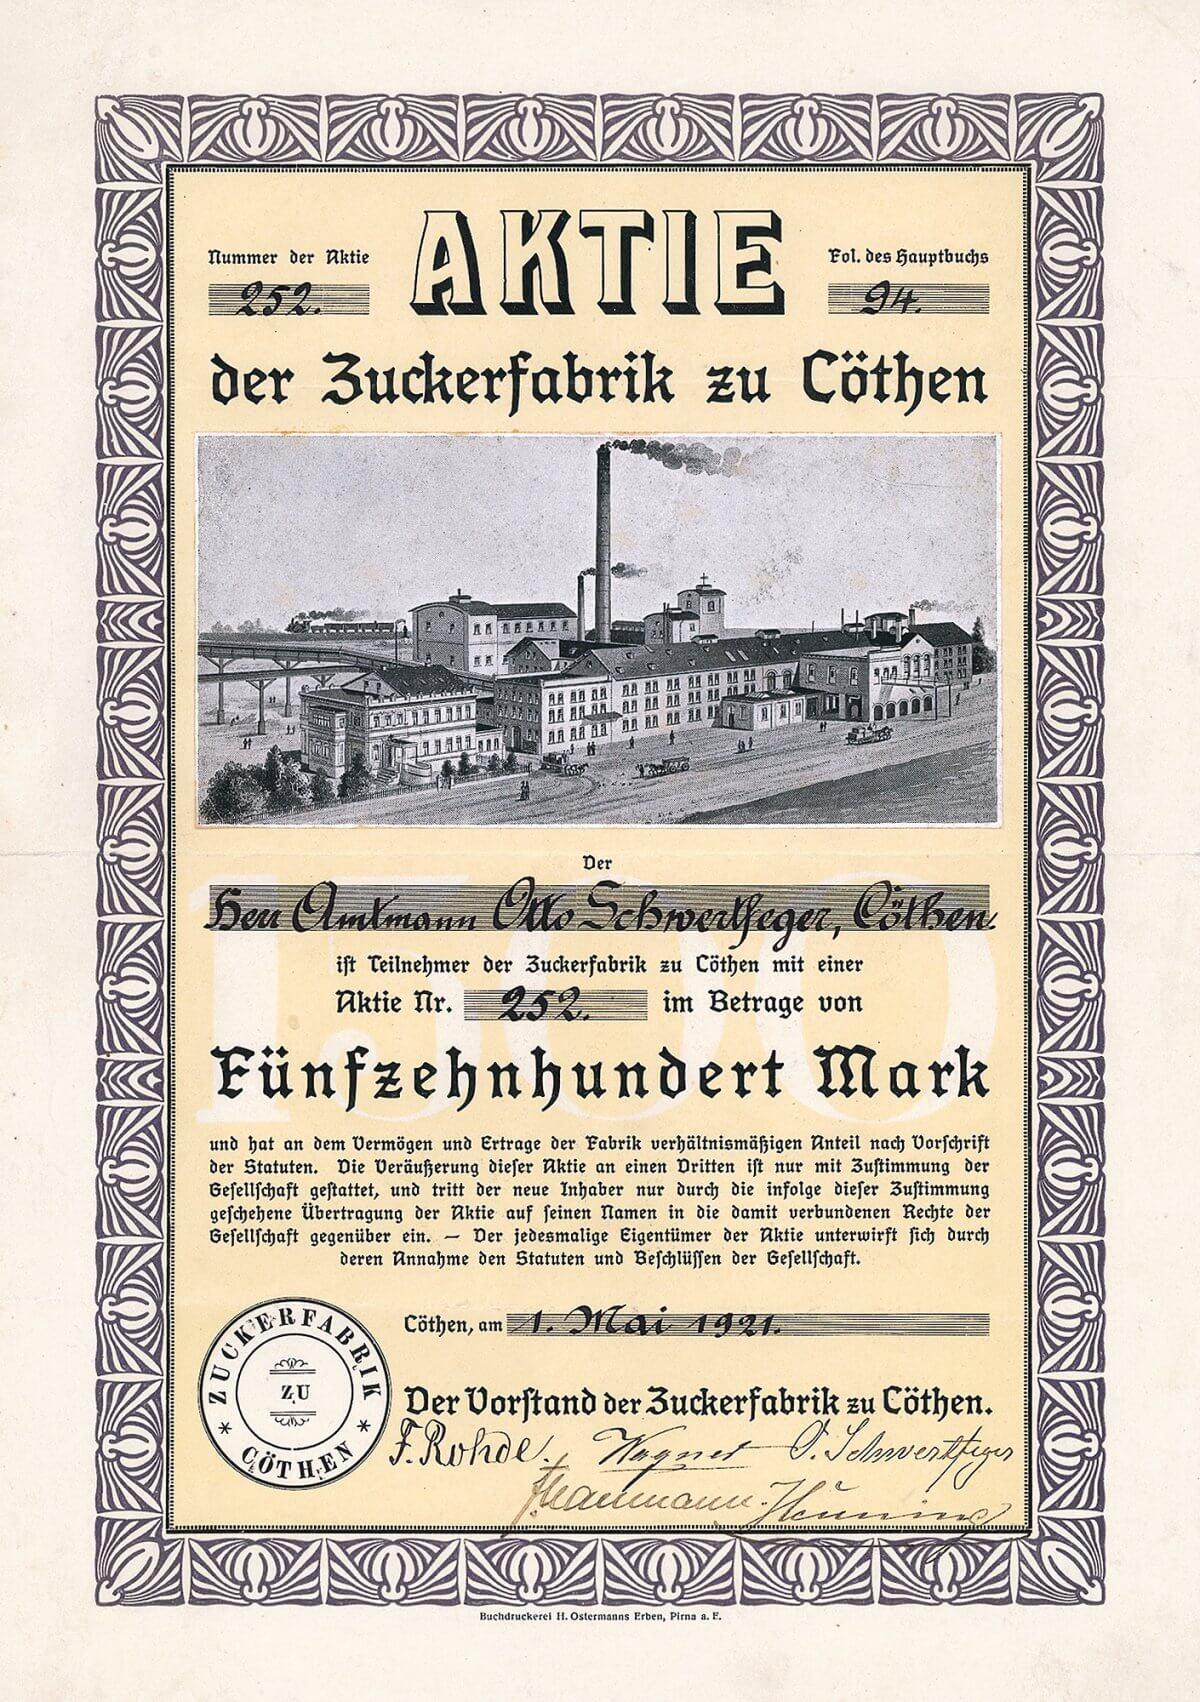 """Zuckerfabrik zu Cöthen, Köthen, Aktie über 1.500 Mark von 1921. Gegründet wurde die Gesellschaft bereits 1856, der Bau der Zuckerfabrik war 1862 fertiggestellt. Die Fabrik arbeitete sehr rentabel und erwirtschaftete in guten Jahren schon einmal über die Hälfte des Grundkapitals als Gewinn. In den 20er Jahren Anschluß an die """"Vereinigung anhaltischer Rohzuckerfabriken"""", die mit den zusätzlichen Geldern aus Kapitalerhöhungen die Rohzuckerfabrik Holland in Cöthen zur Raffinerie ausbaute."""